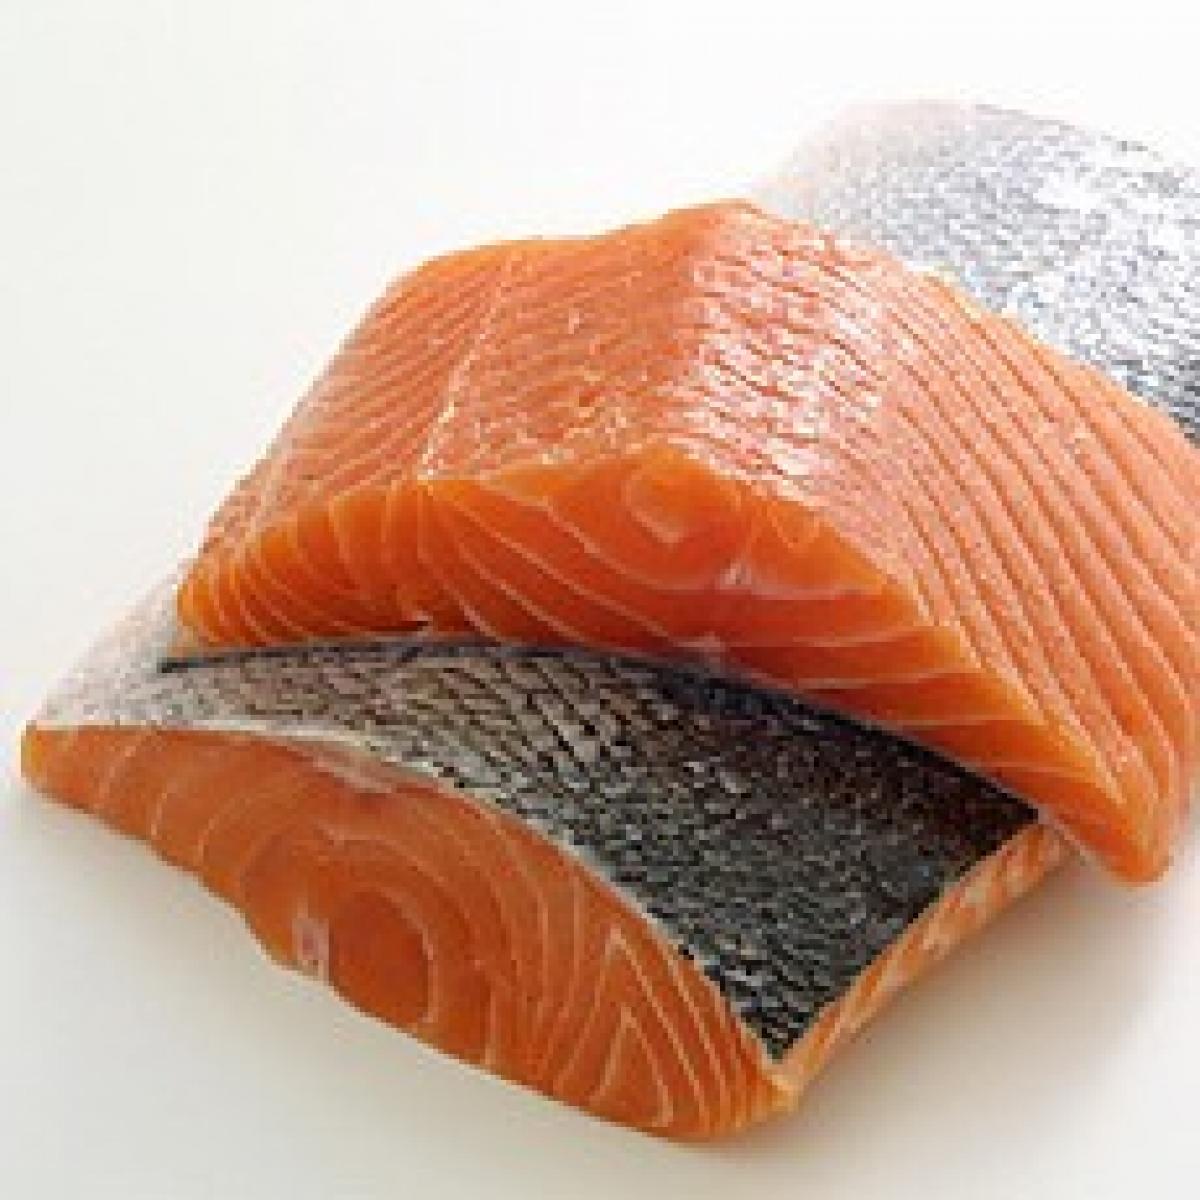 Salmon 19578